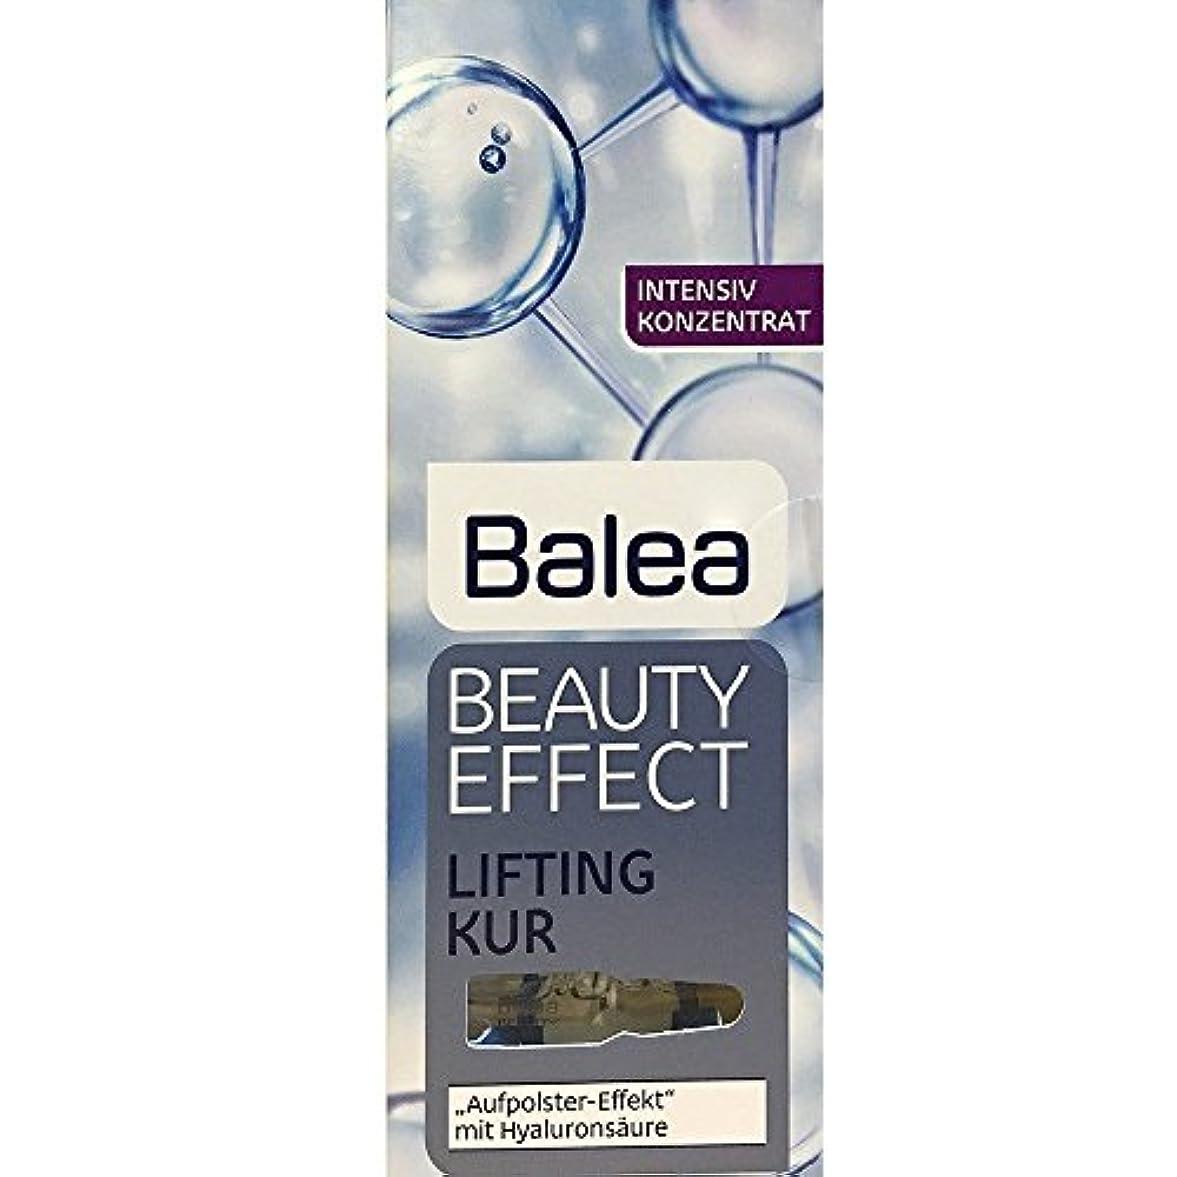 大砲唯物論立証するBalea Beauty Effect Lifting Kur 7x1ml by Balea